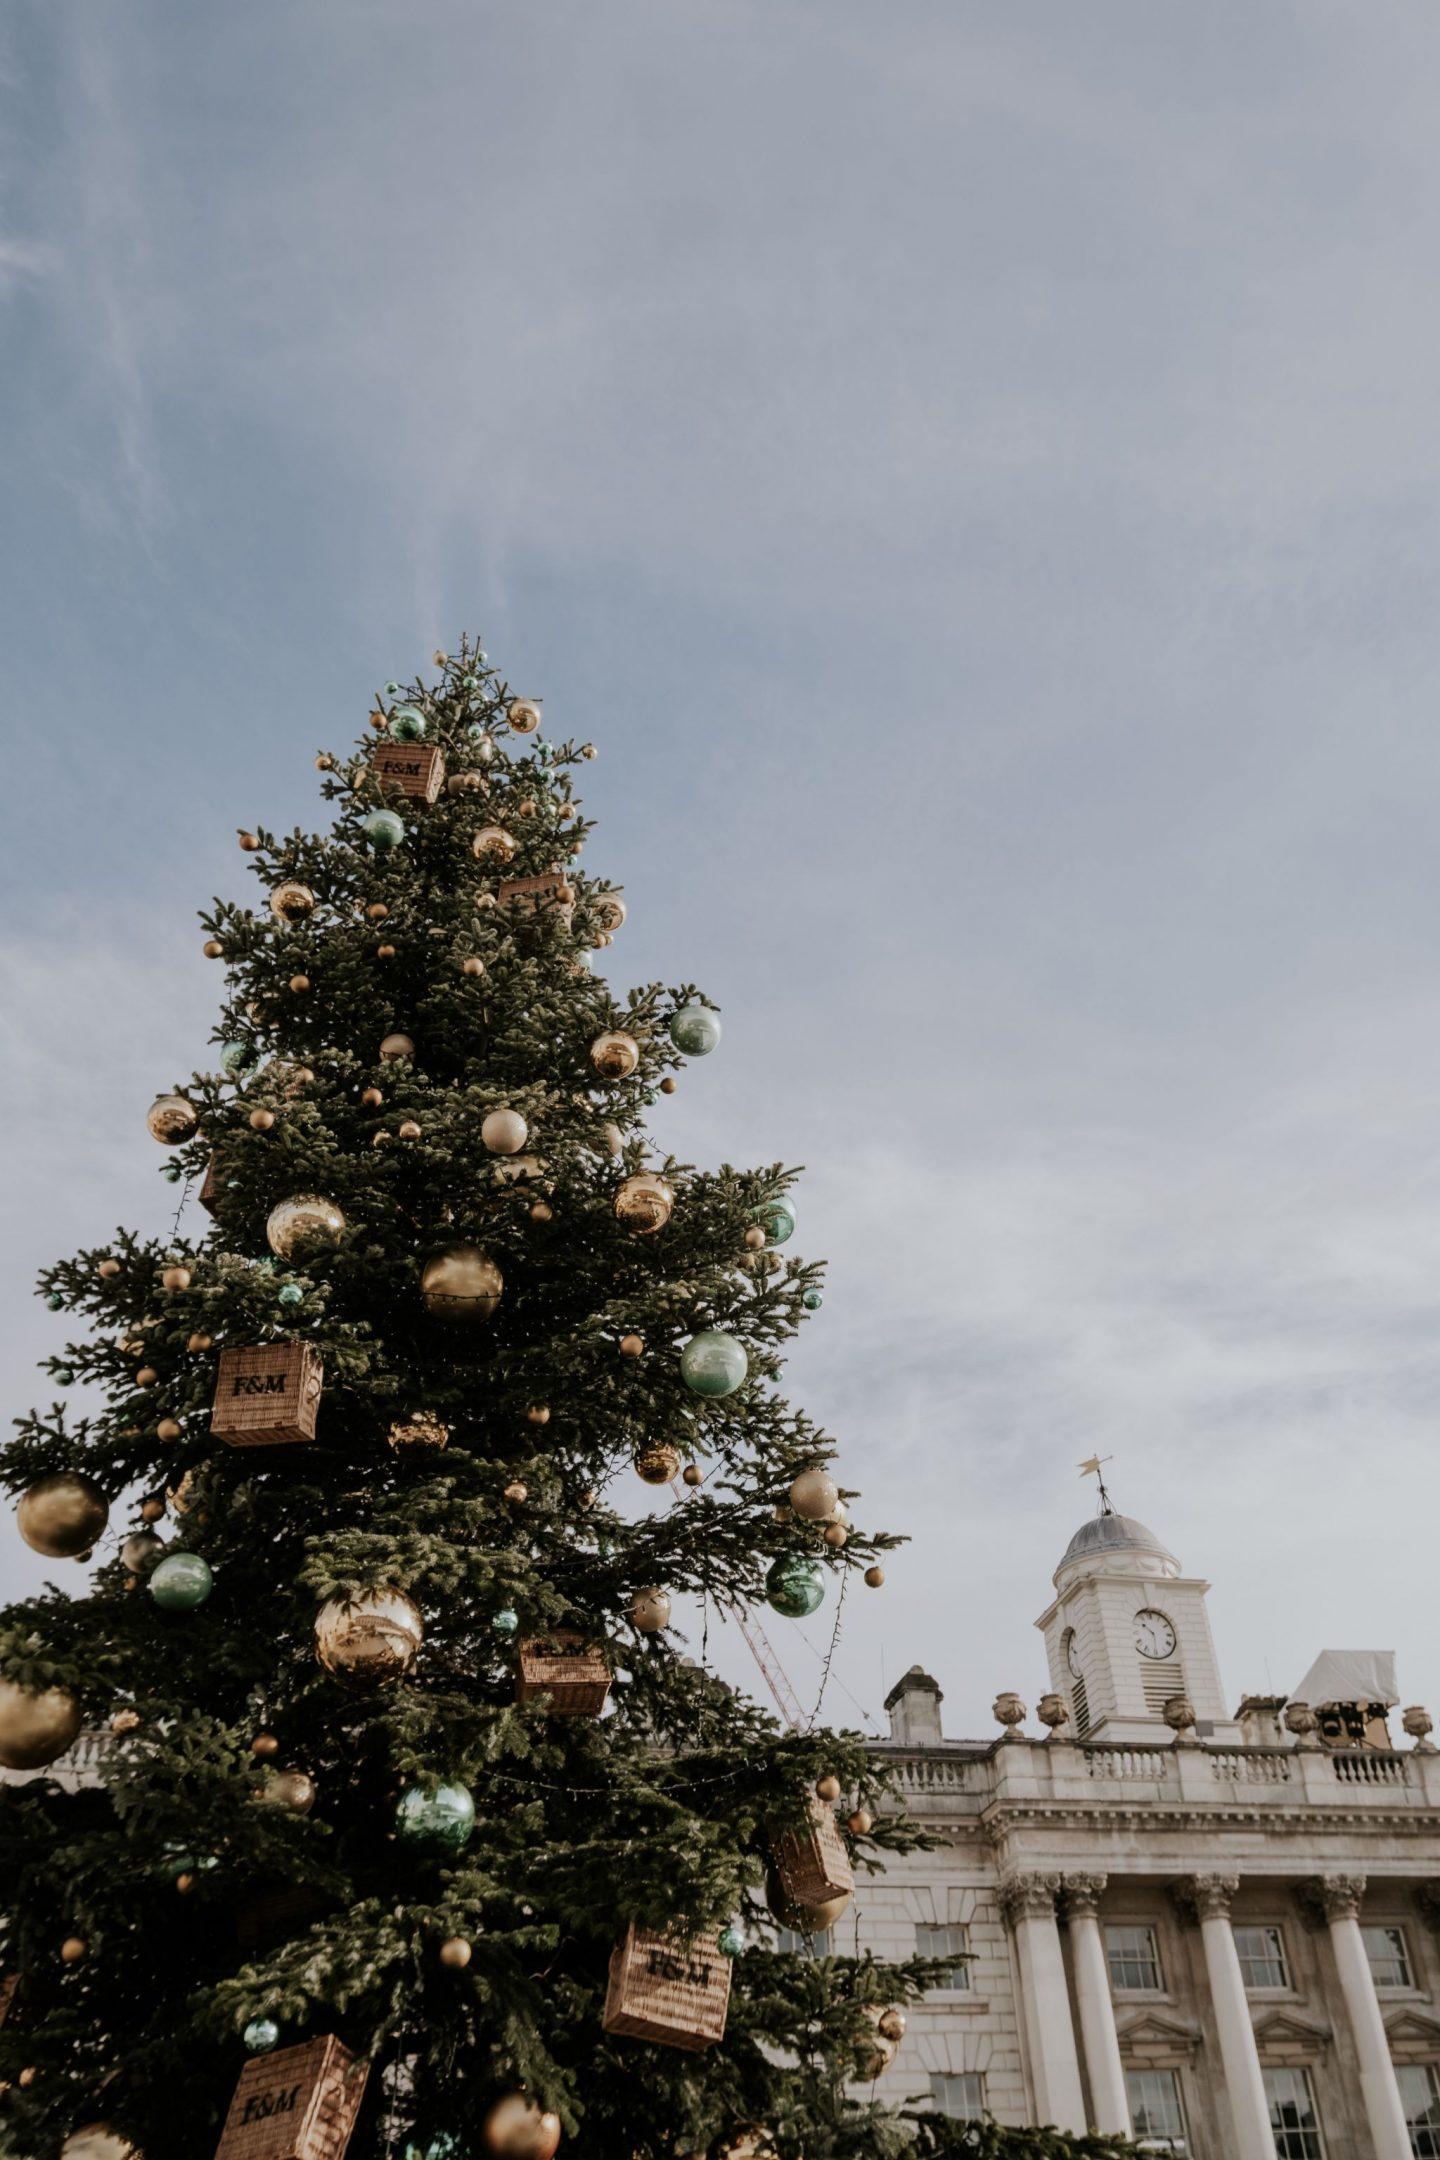 The 2019 Holiday TBR List